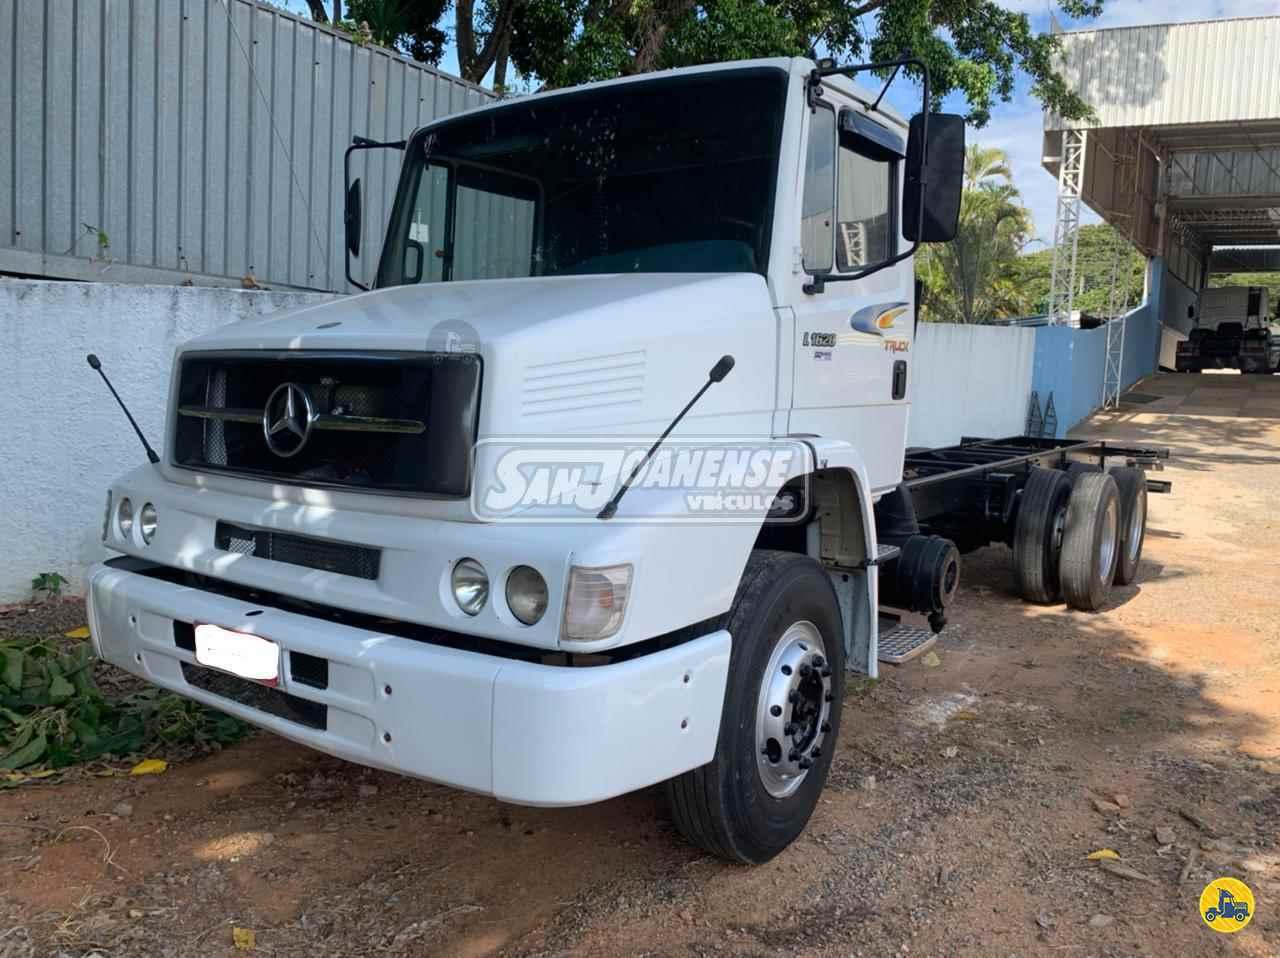 CAMINHAO MERCEDES-BENZ MB 1620 Chassis Truck 6x2 Sanjoanense Veículos SAO JOAO DA BOA VISTA SÃO PAULO SP